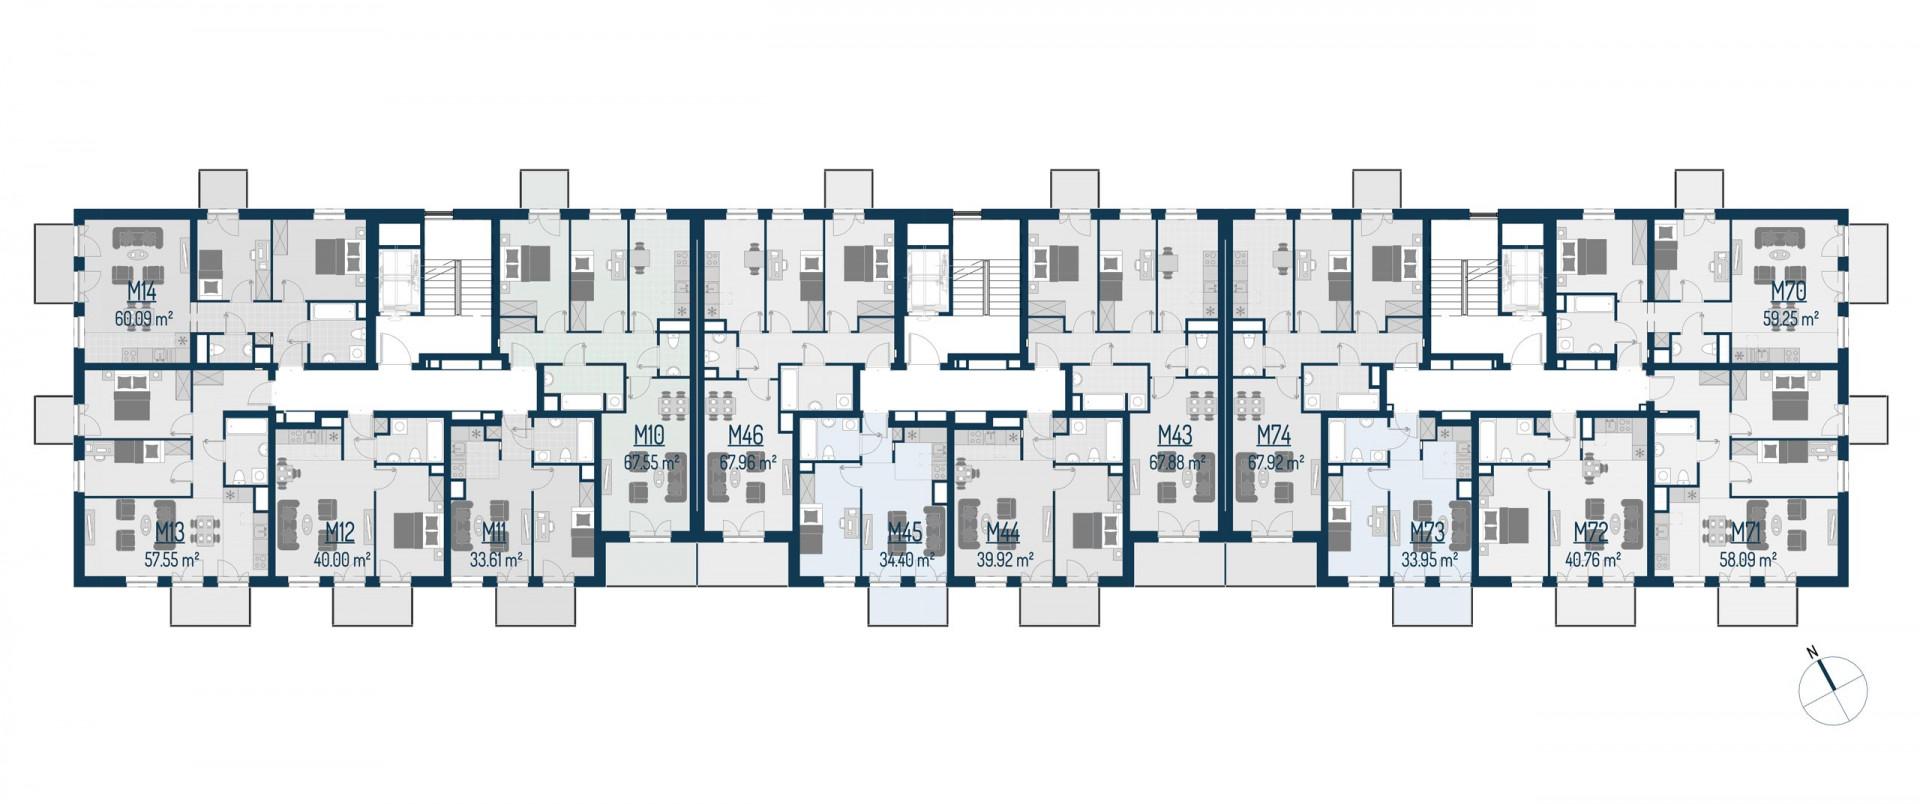 Zdrowe Stylove / budynek 1 / mieszkanie nr M70 rzut 2